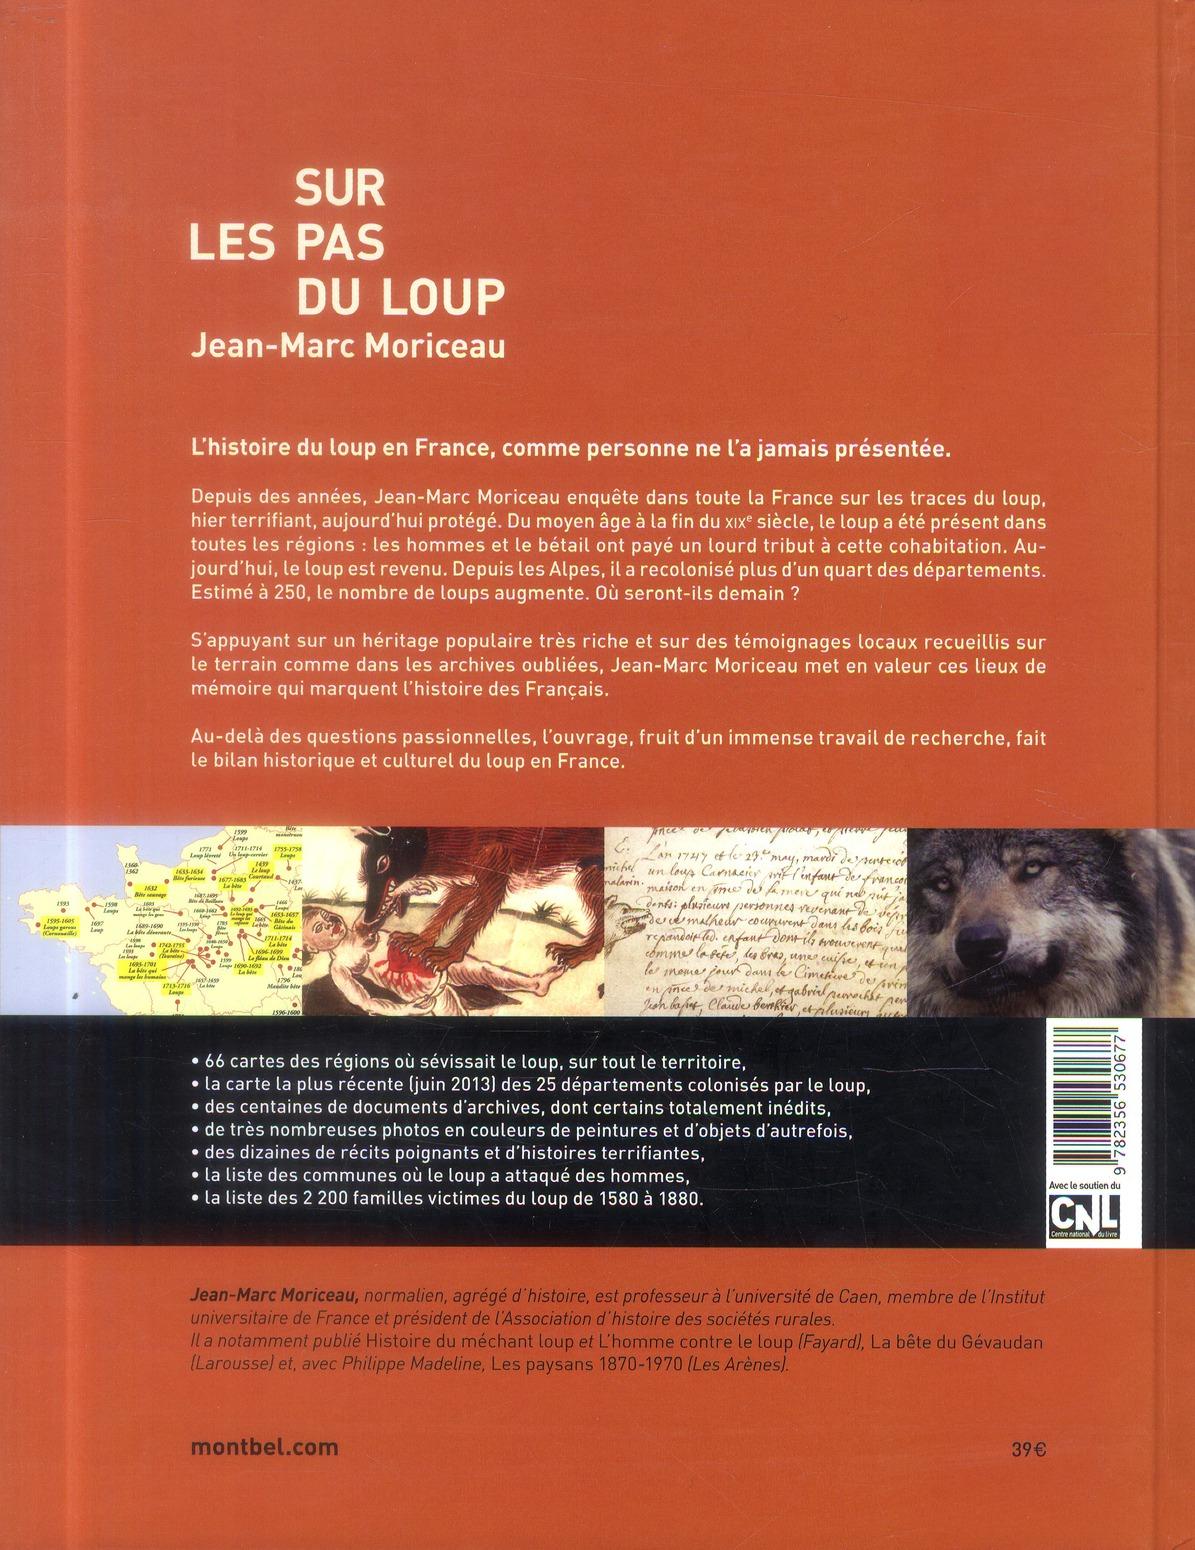 Sur les pas du loup ; tour de France historique et culturel du loup du Moyen-Age à nos jours